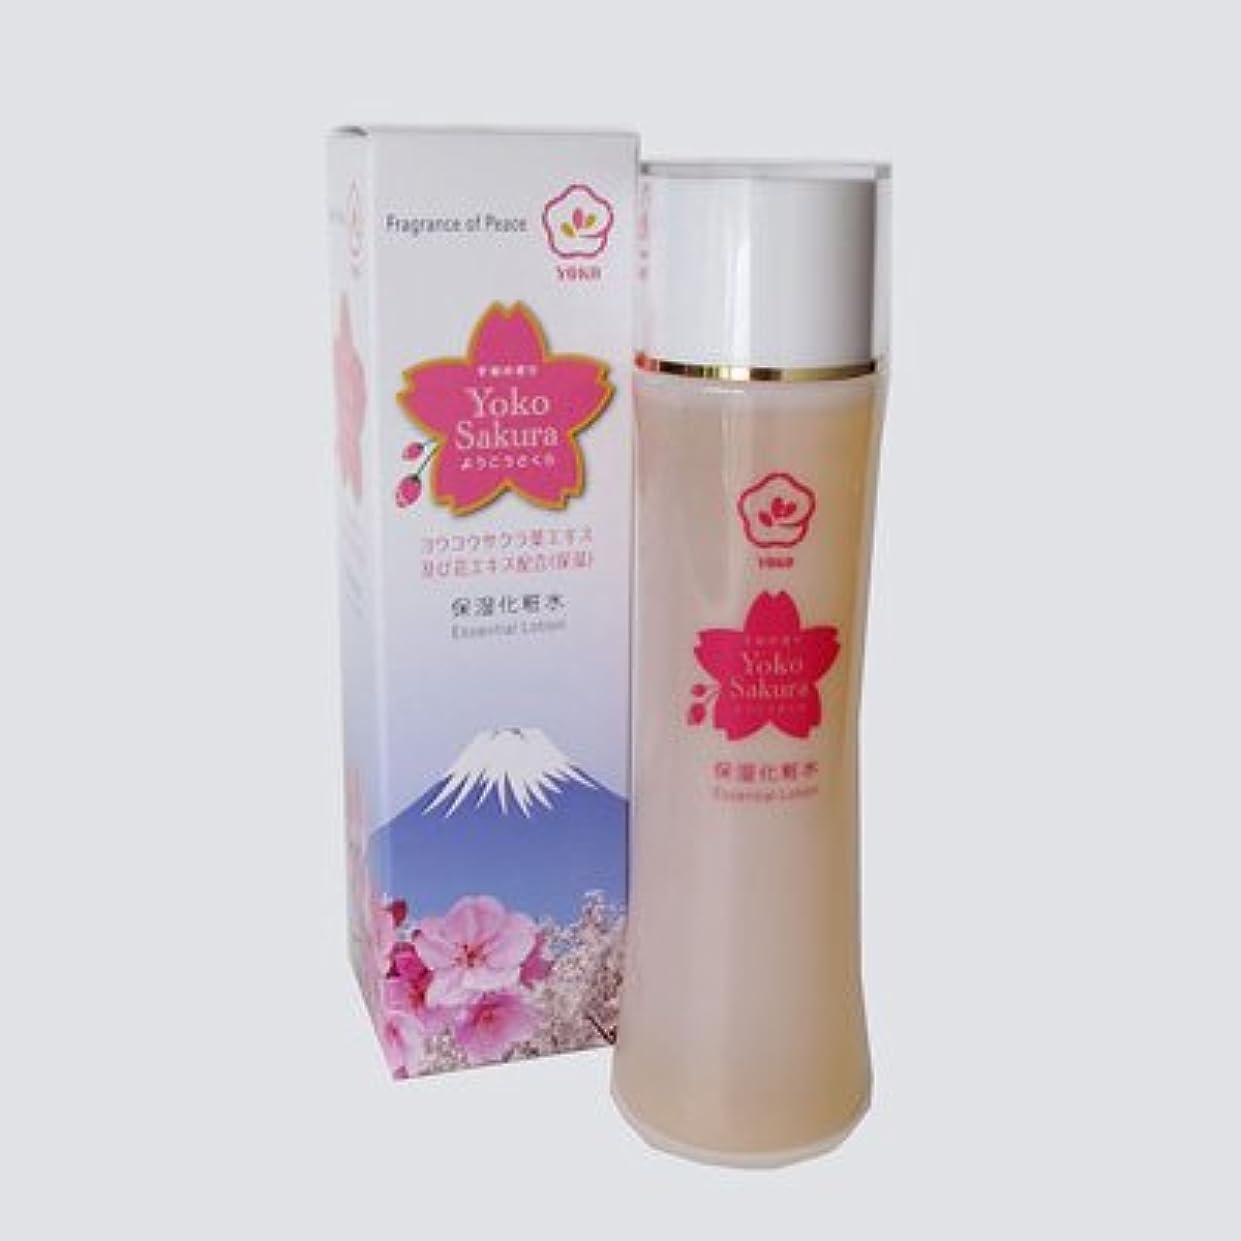 進む投資する通り陽光ローション(保湿化粧水) 陽光桜のエキス配合の保湿化粧水。敏感肌の方にもどうぞ